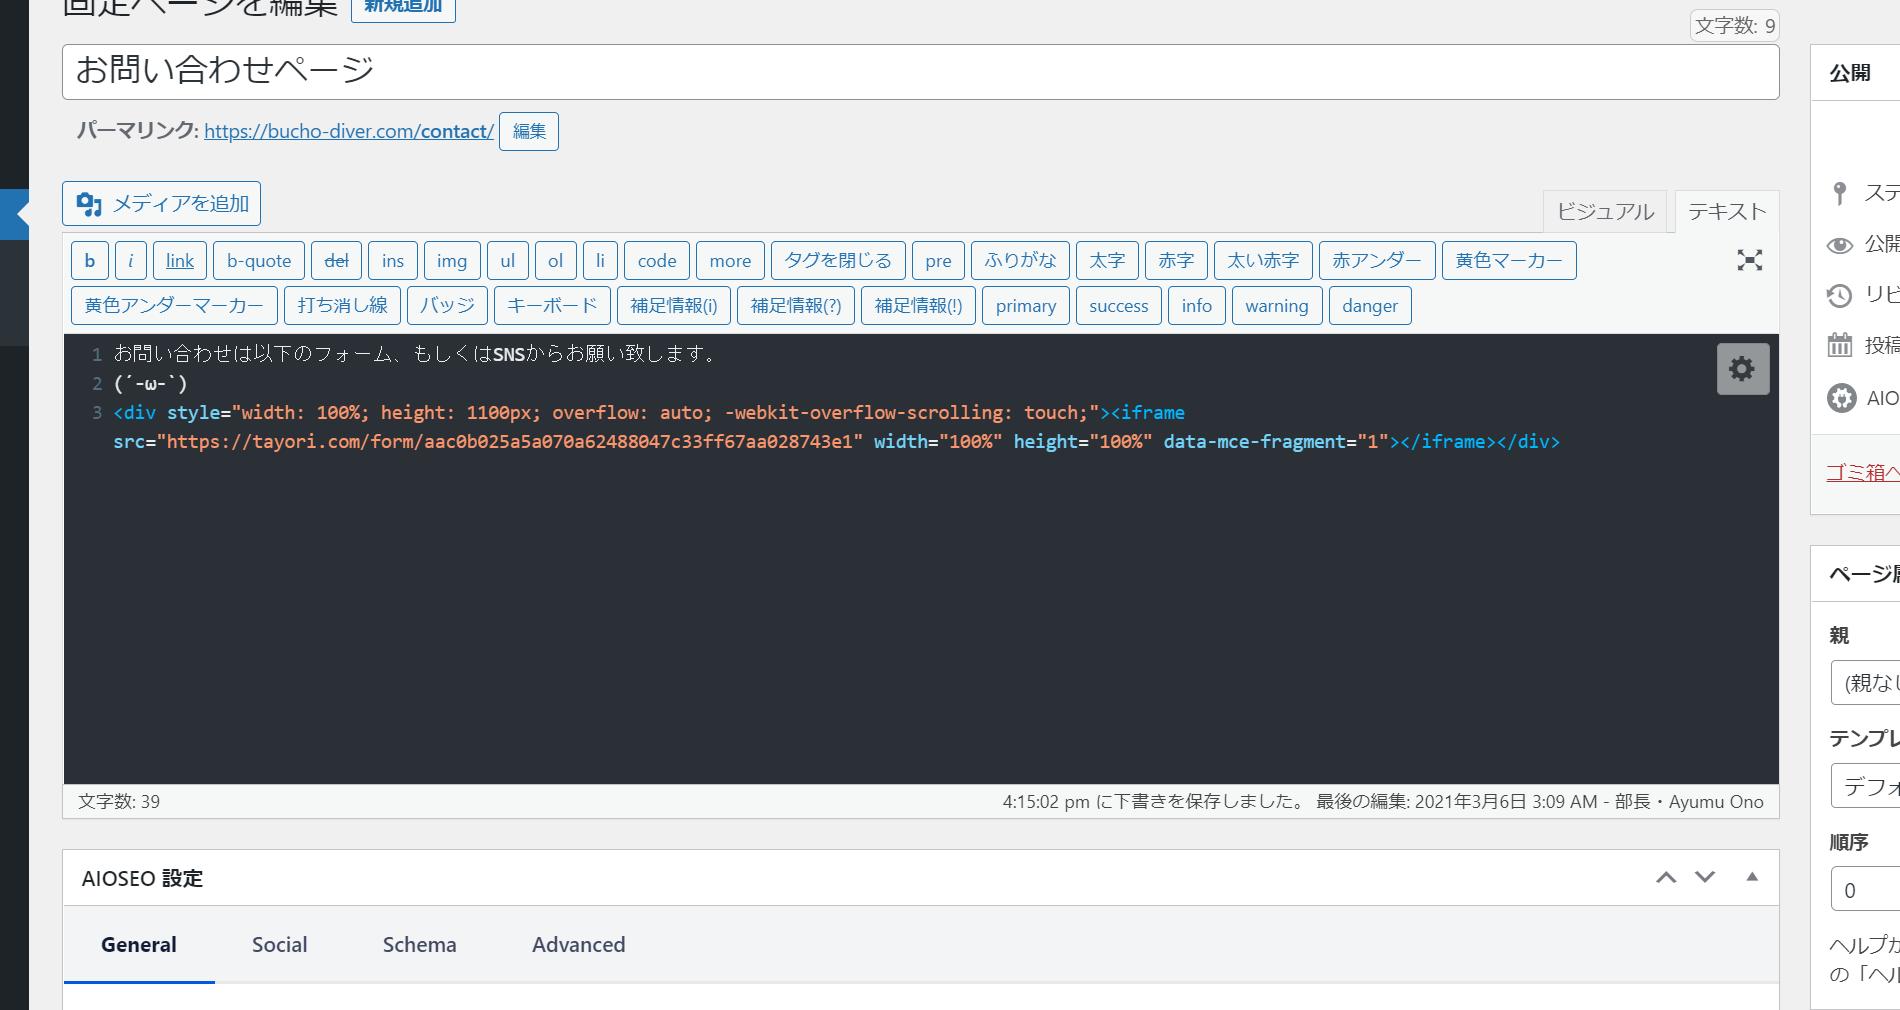 WordPressの場合は、記事作成画面でHTML表示に切り替えて埋め込みます